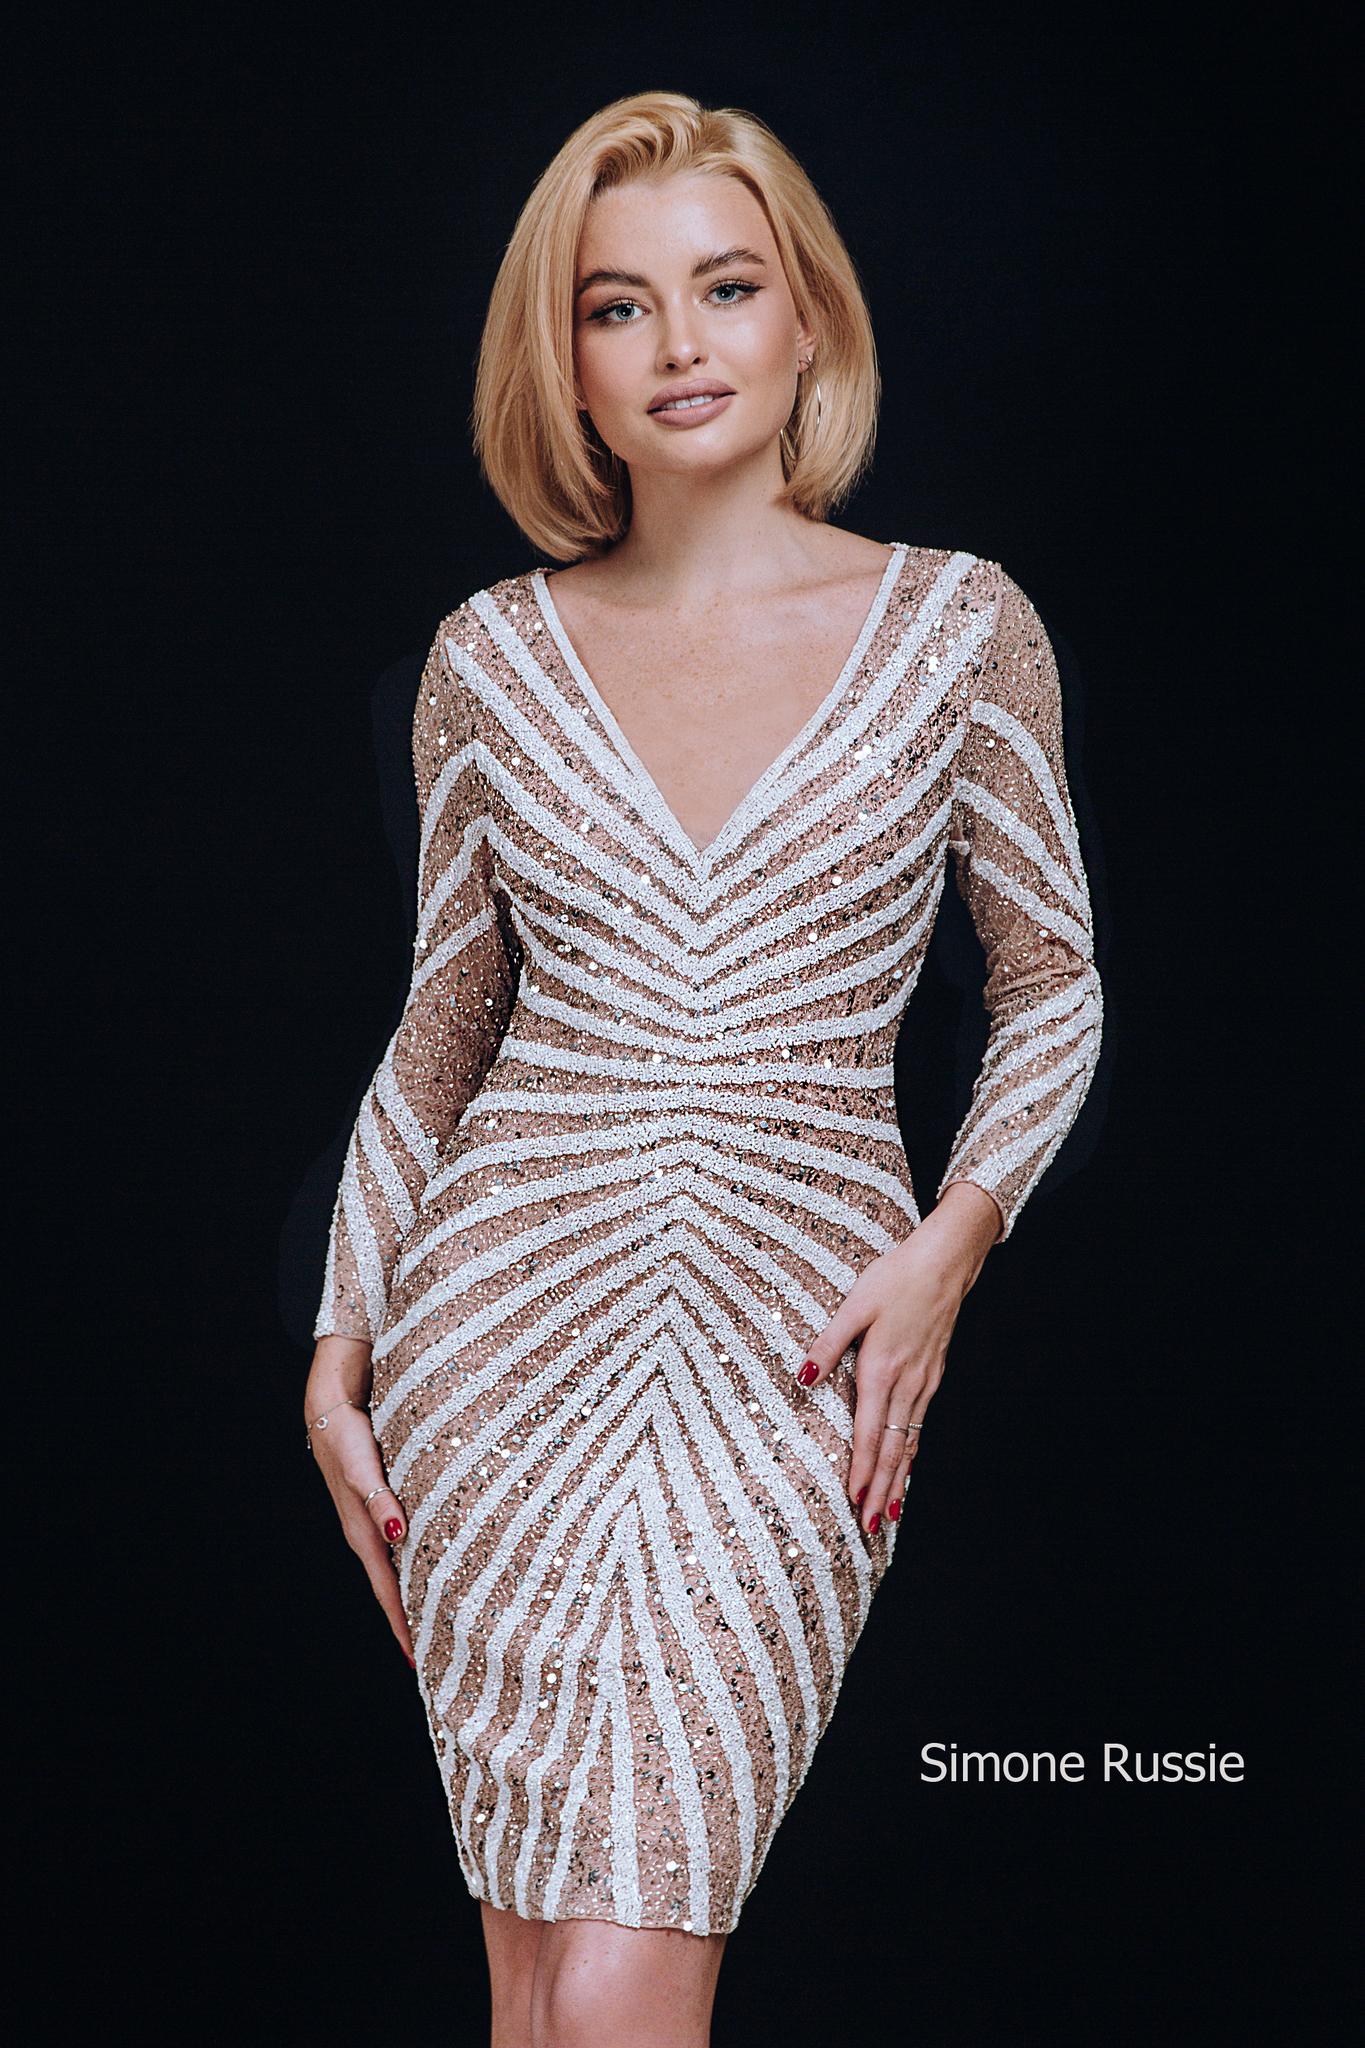 Simone Russie SR1949 Элегантное платье средней длины с рукавом